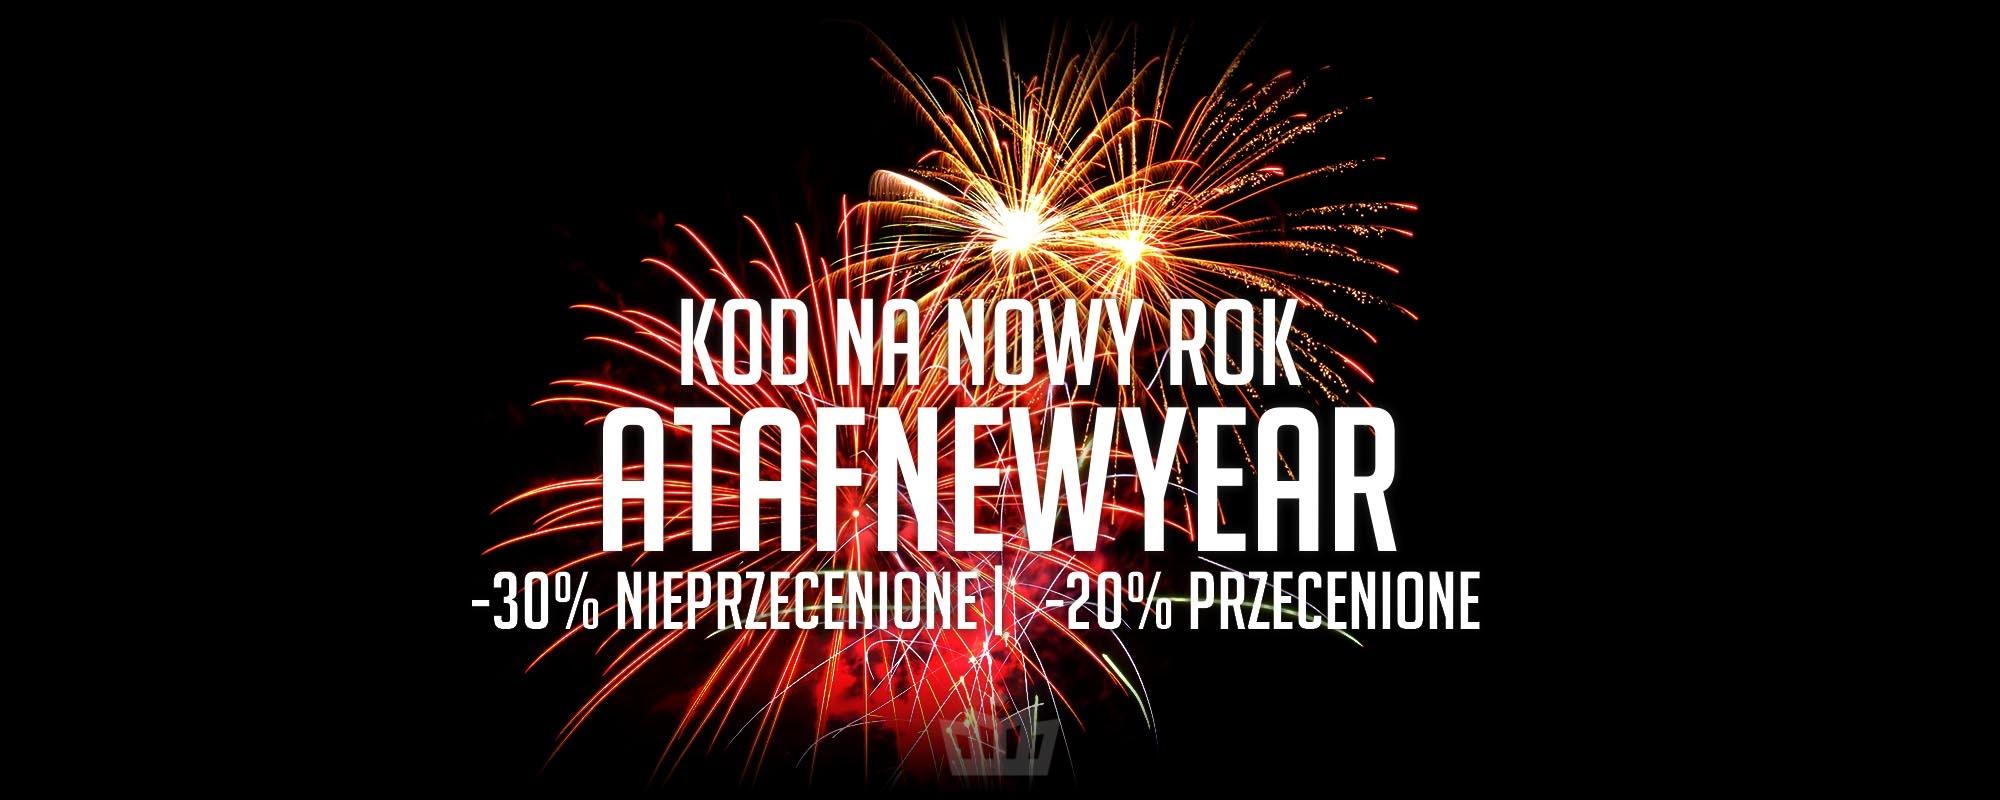 ATAF.PL | -20% od przecenionych na nowy rok   KOD: ATAFNEWYEAR